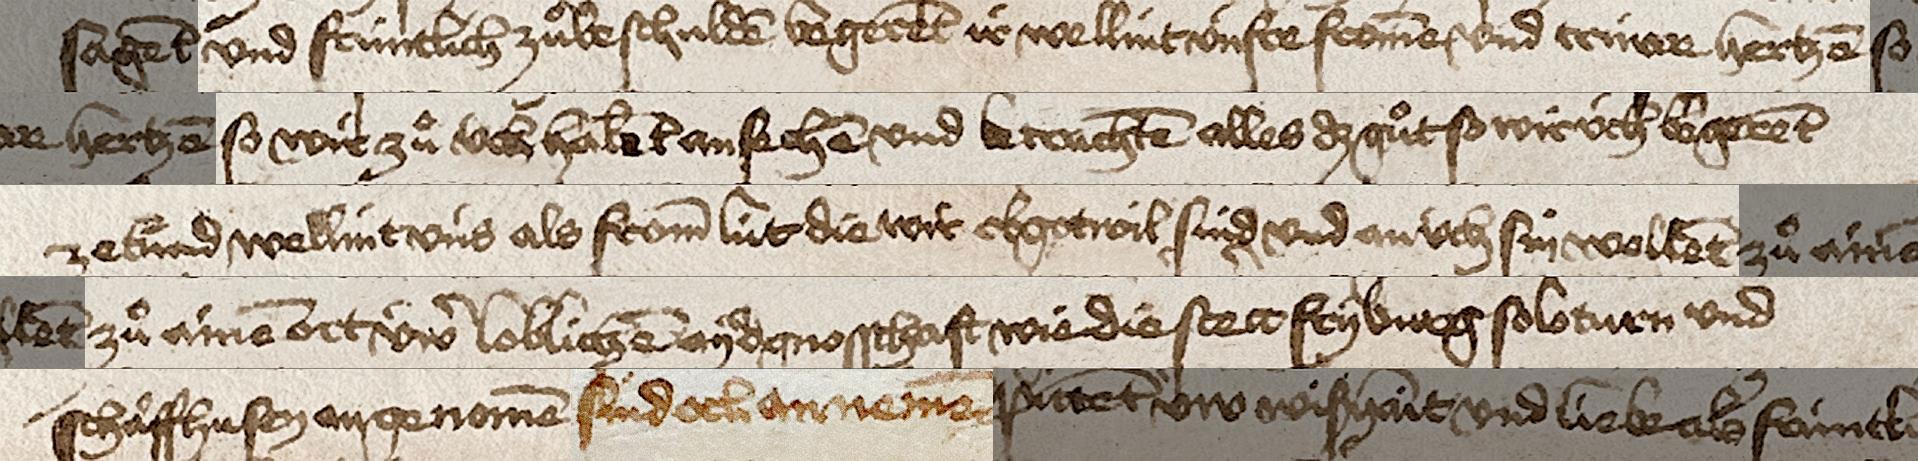 Die Appenzeller bitten ihre Eidgenossen von Luzern, sie wie Freiburg, Solothurn und Schaffhausen als Ort der Eidgenossenschaft anzunehmen